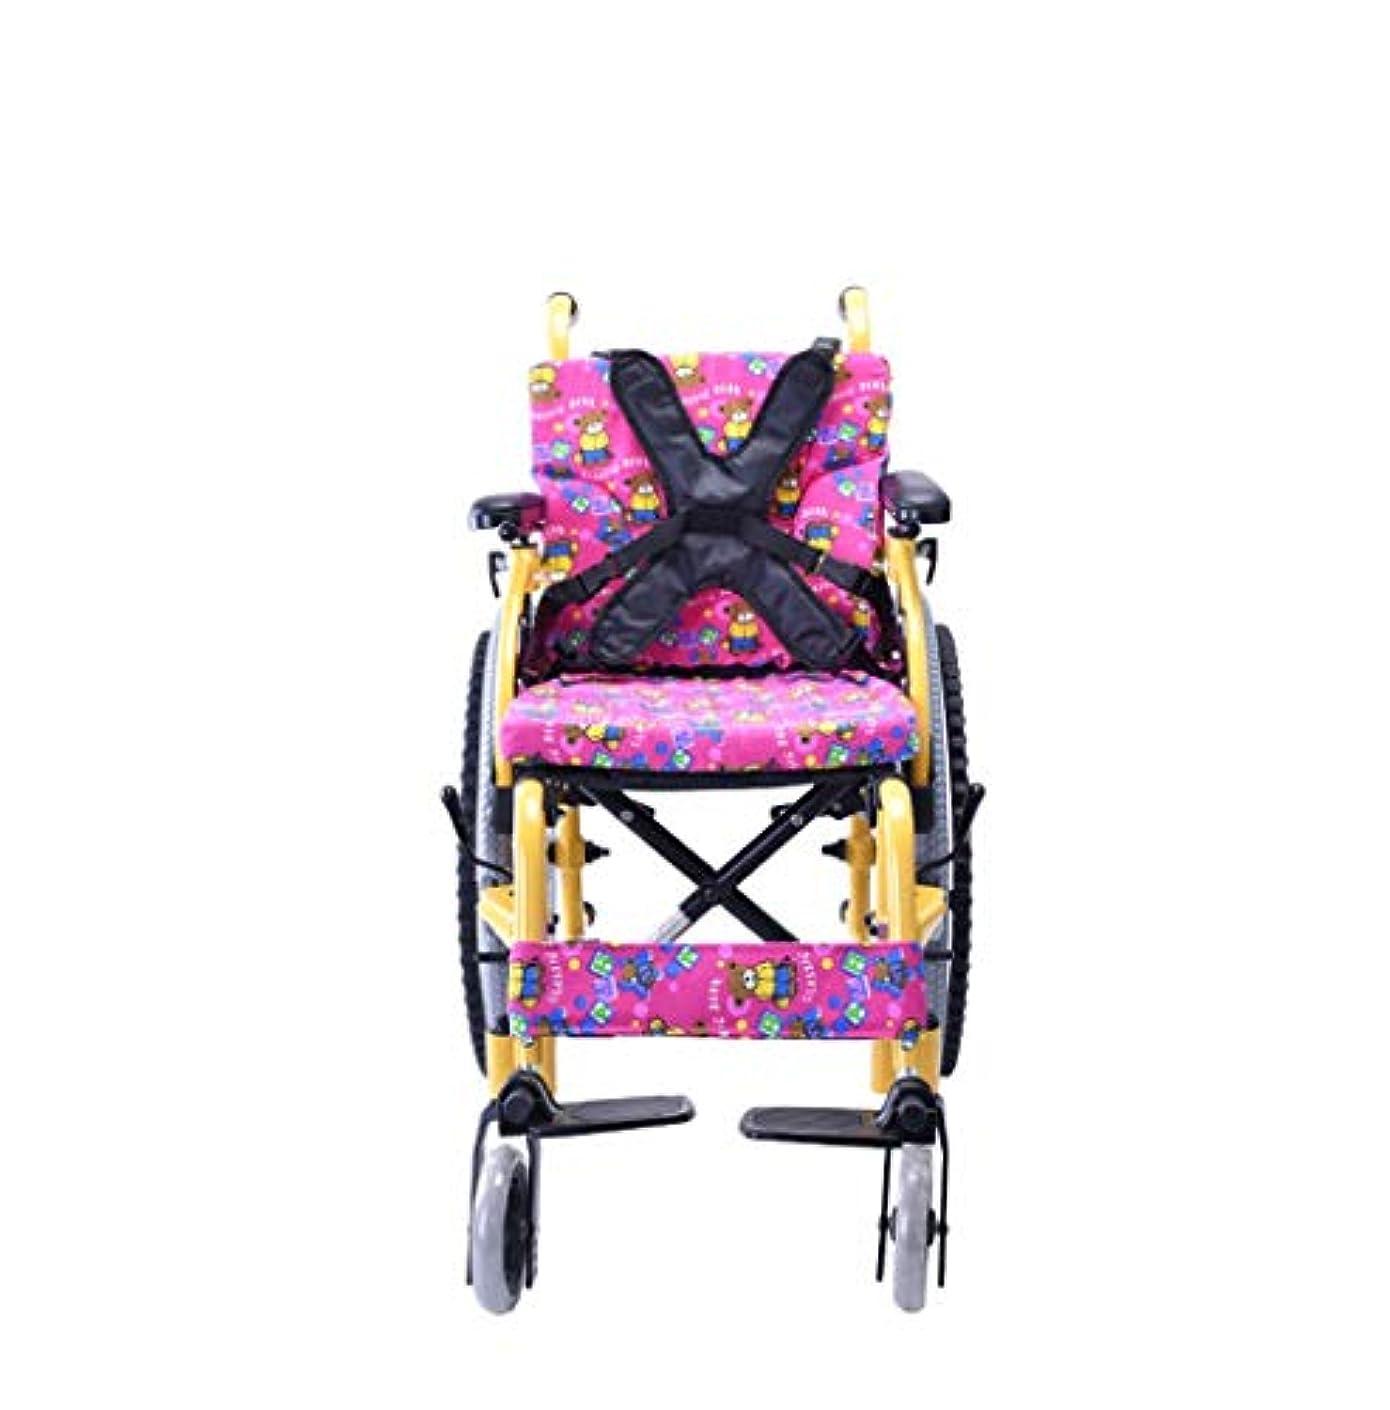 インタネットを見るパーツもっともらしい子供用車椅子折りたたみポータブル小型ポータブル無効トロリー子供用アルミニウム手動車椅子